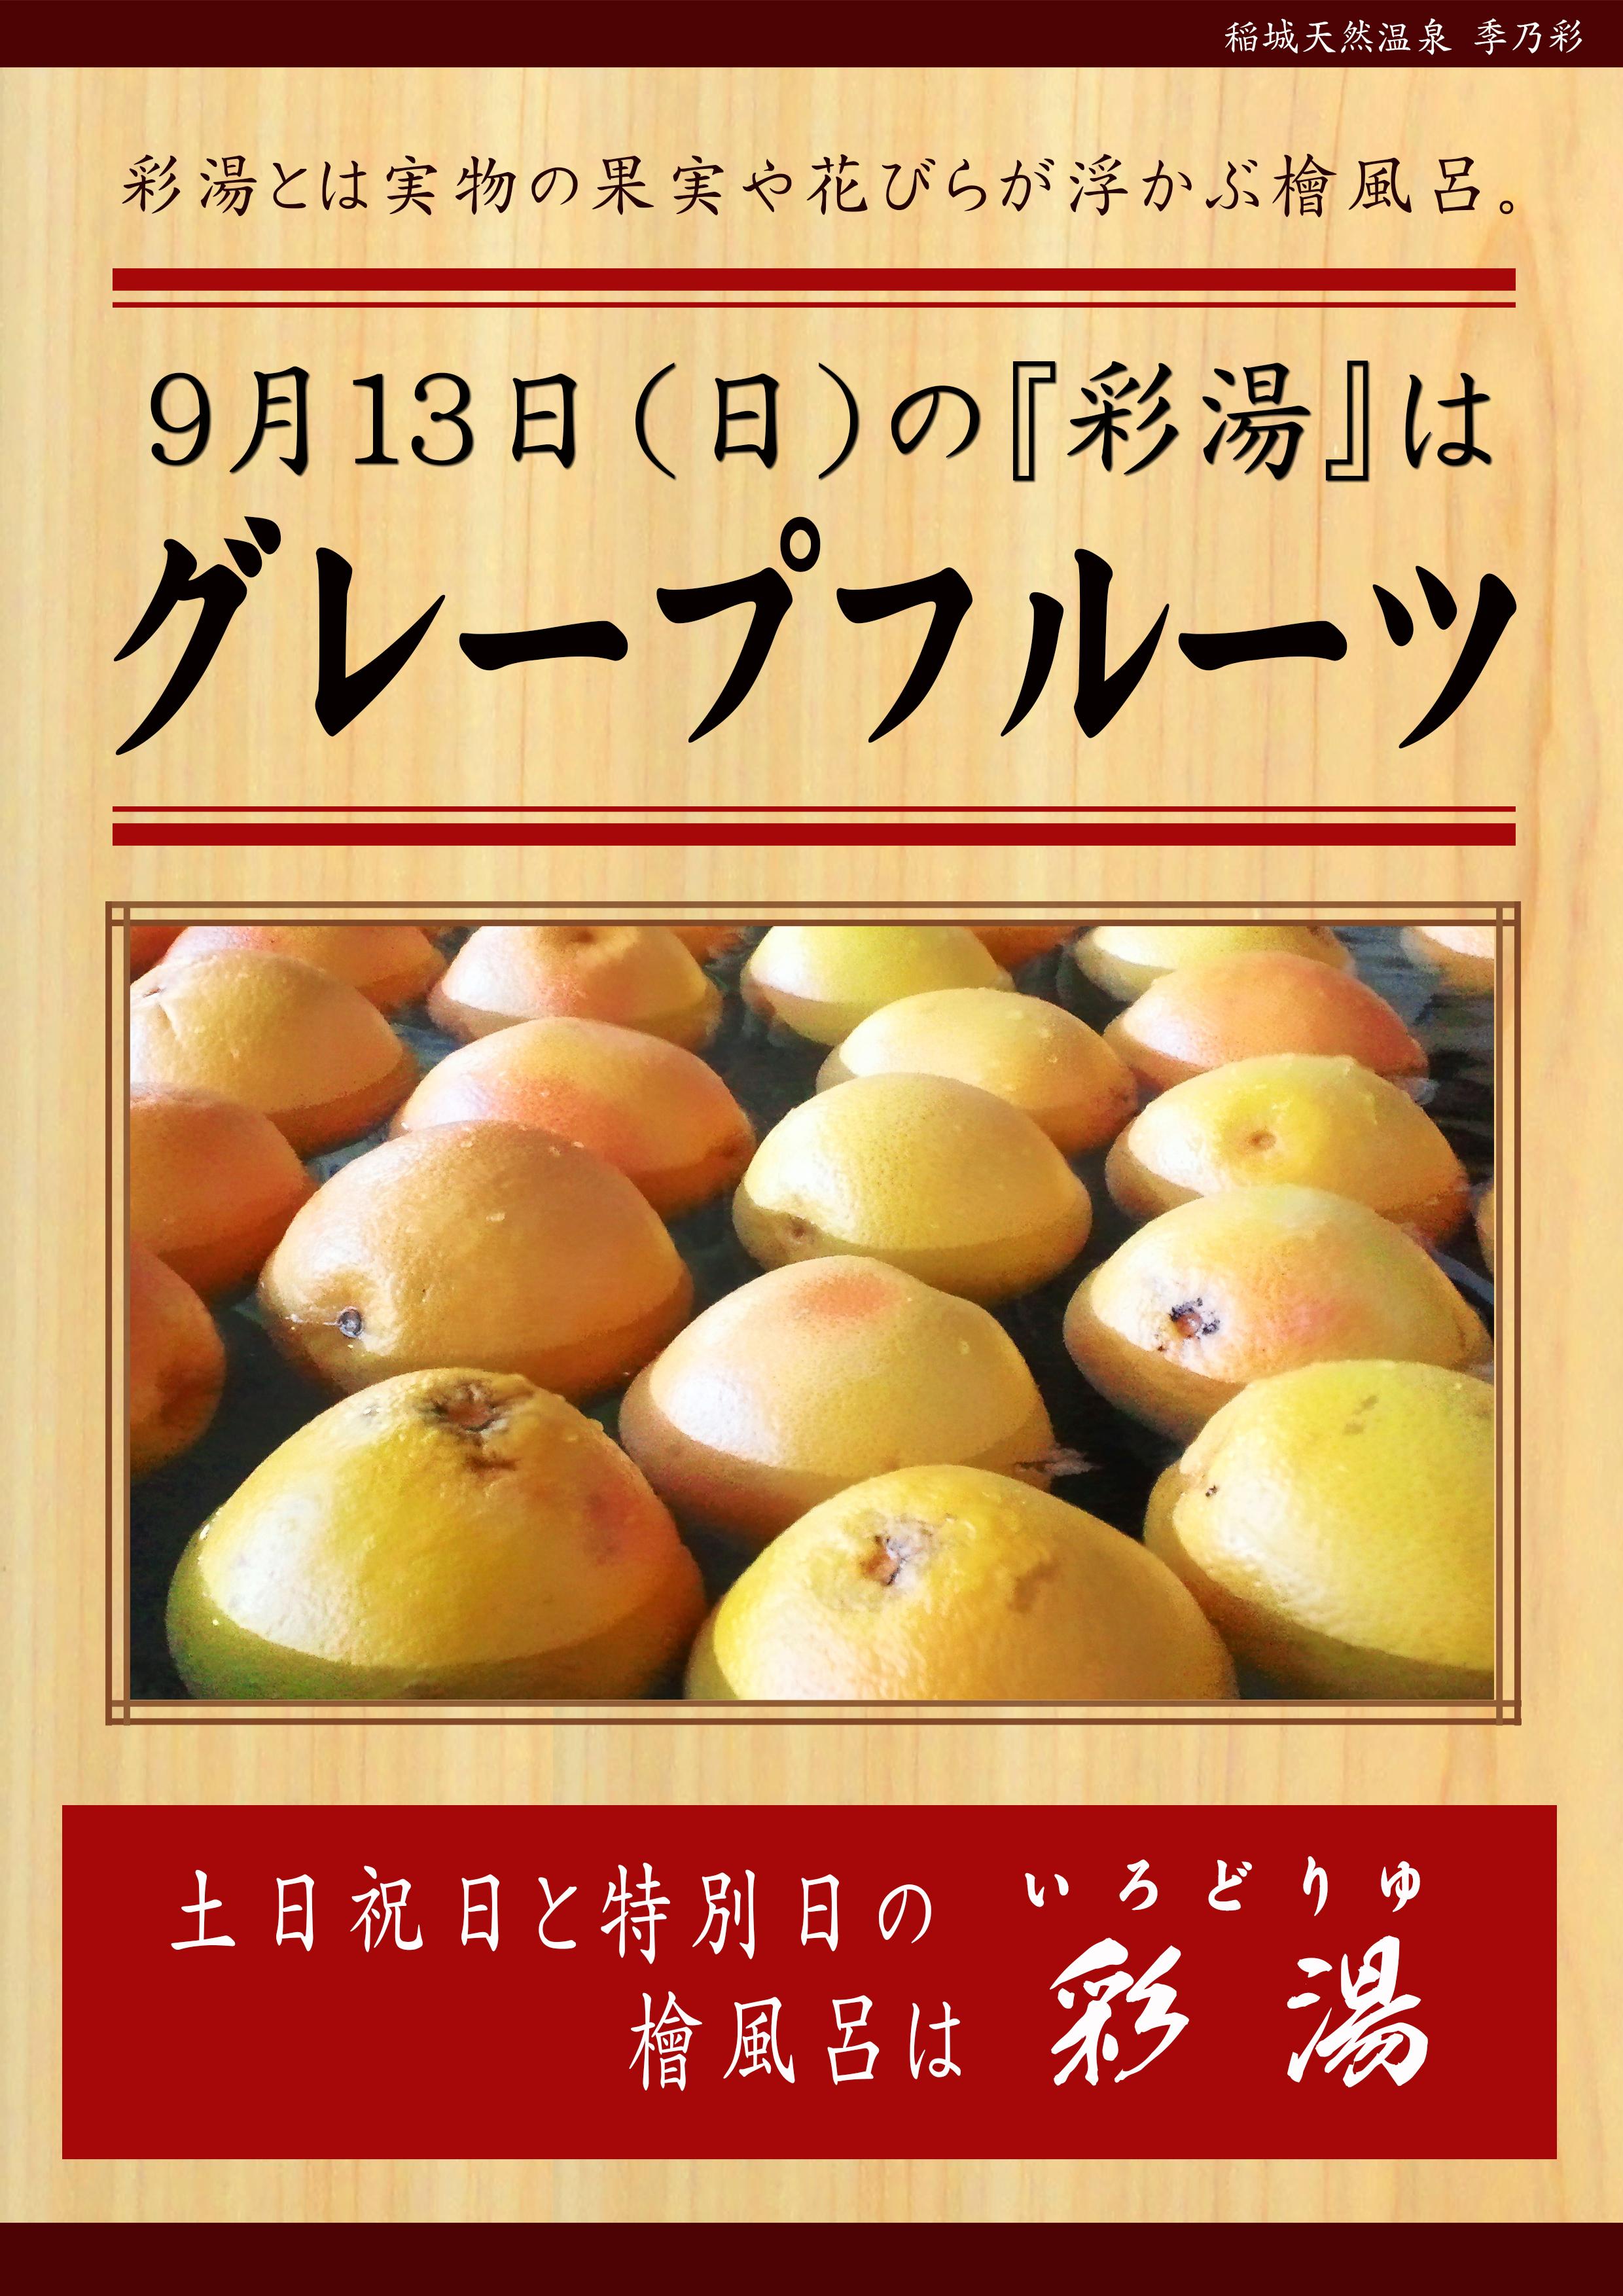 グレープフルーツ0913